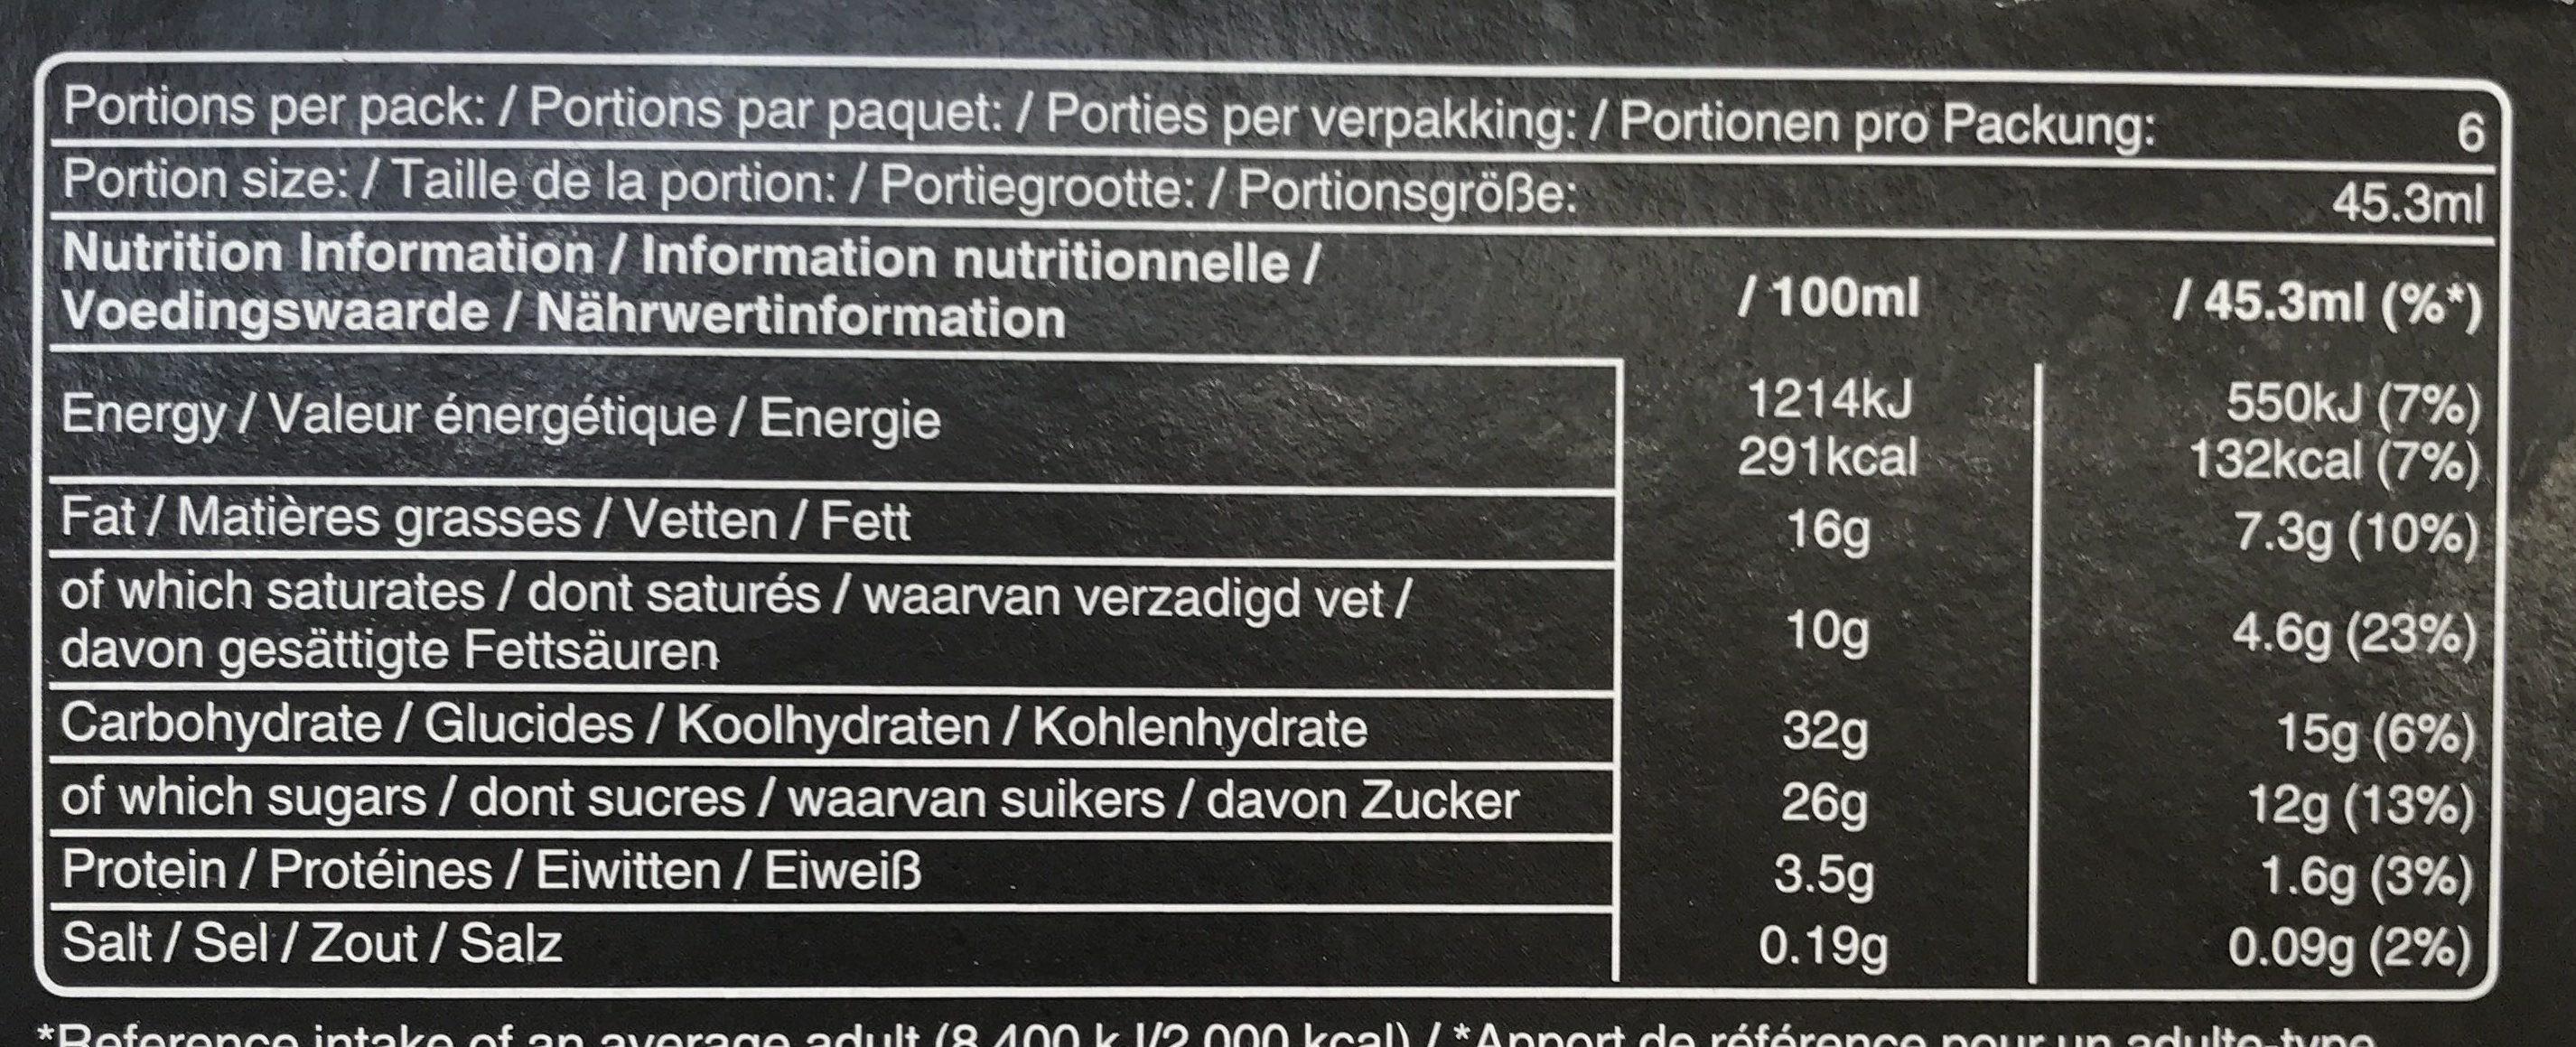 Mars glacé amande - Informations nutritionnelles - fr